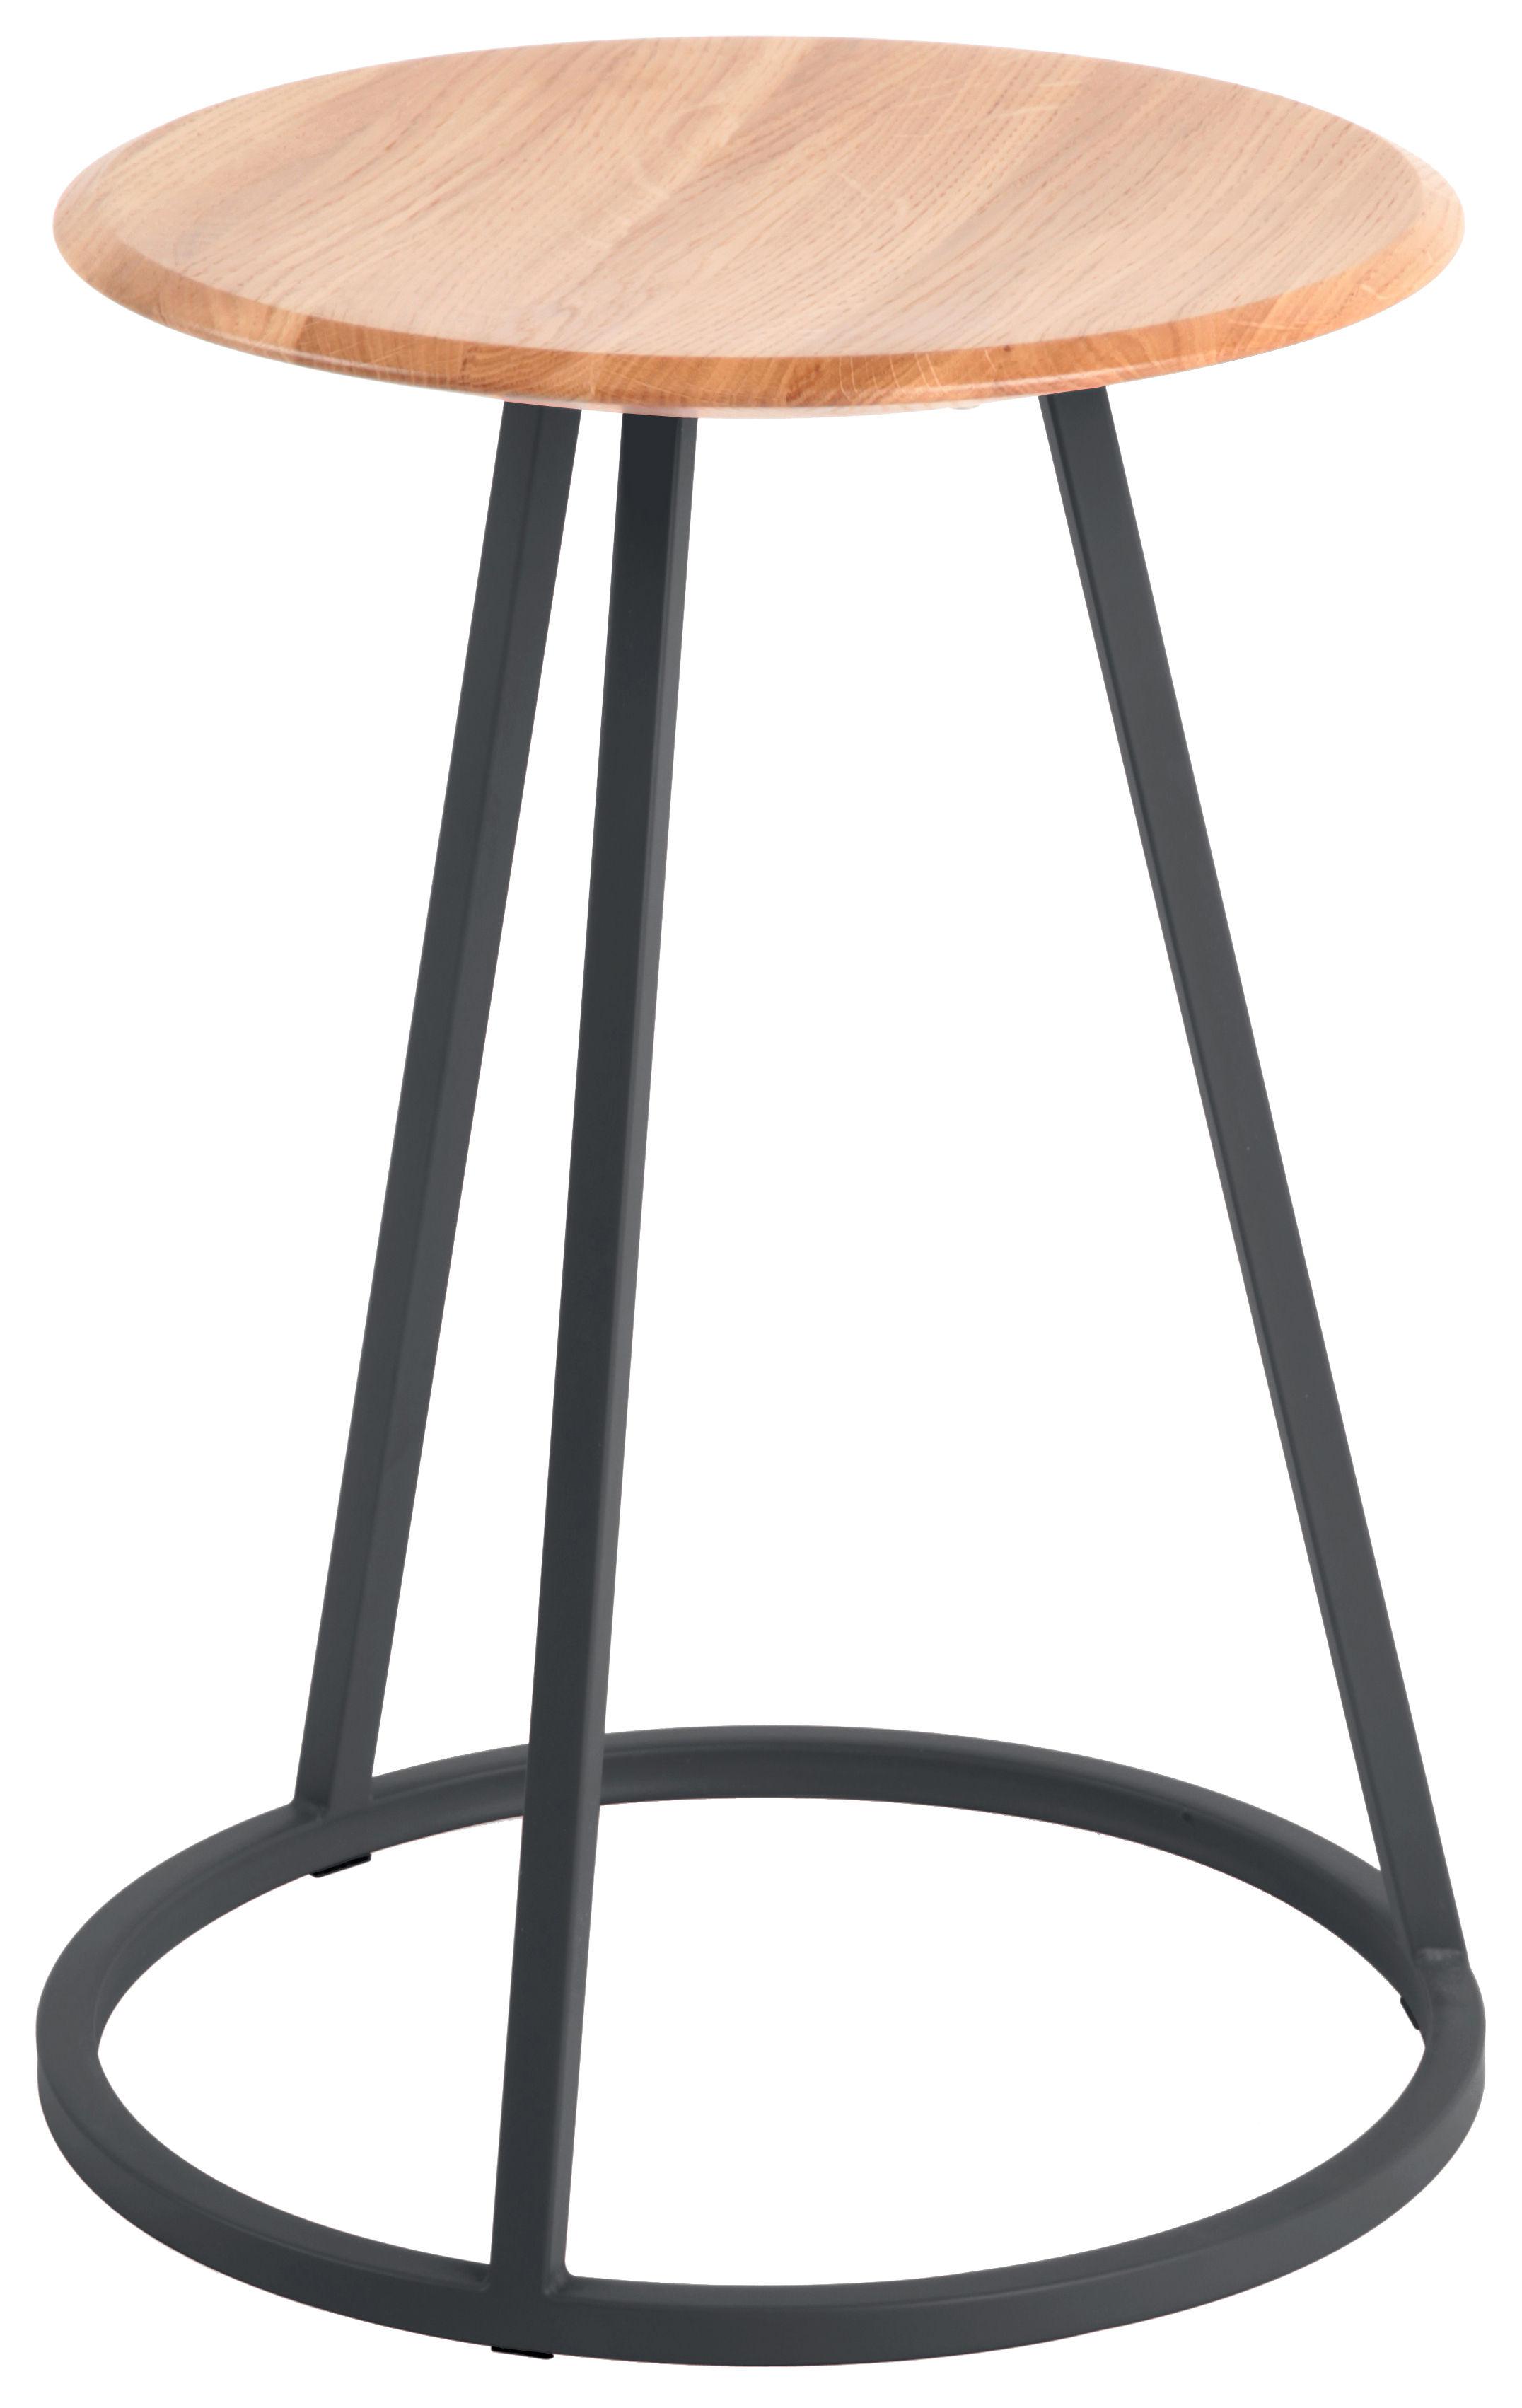 Möbel - Hocker - Gustave Hocker / H 45 cm - Hartô - Schiefergrau - lackierter Stahl, massive Eiche